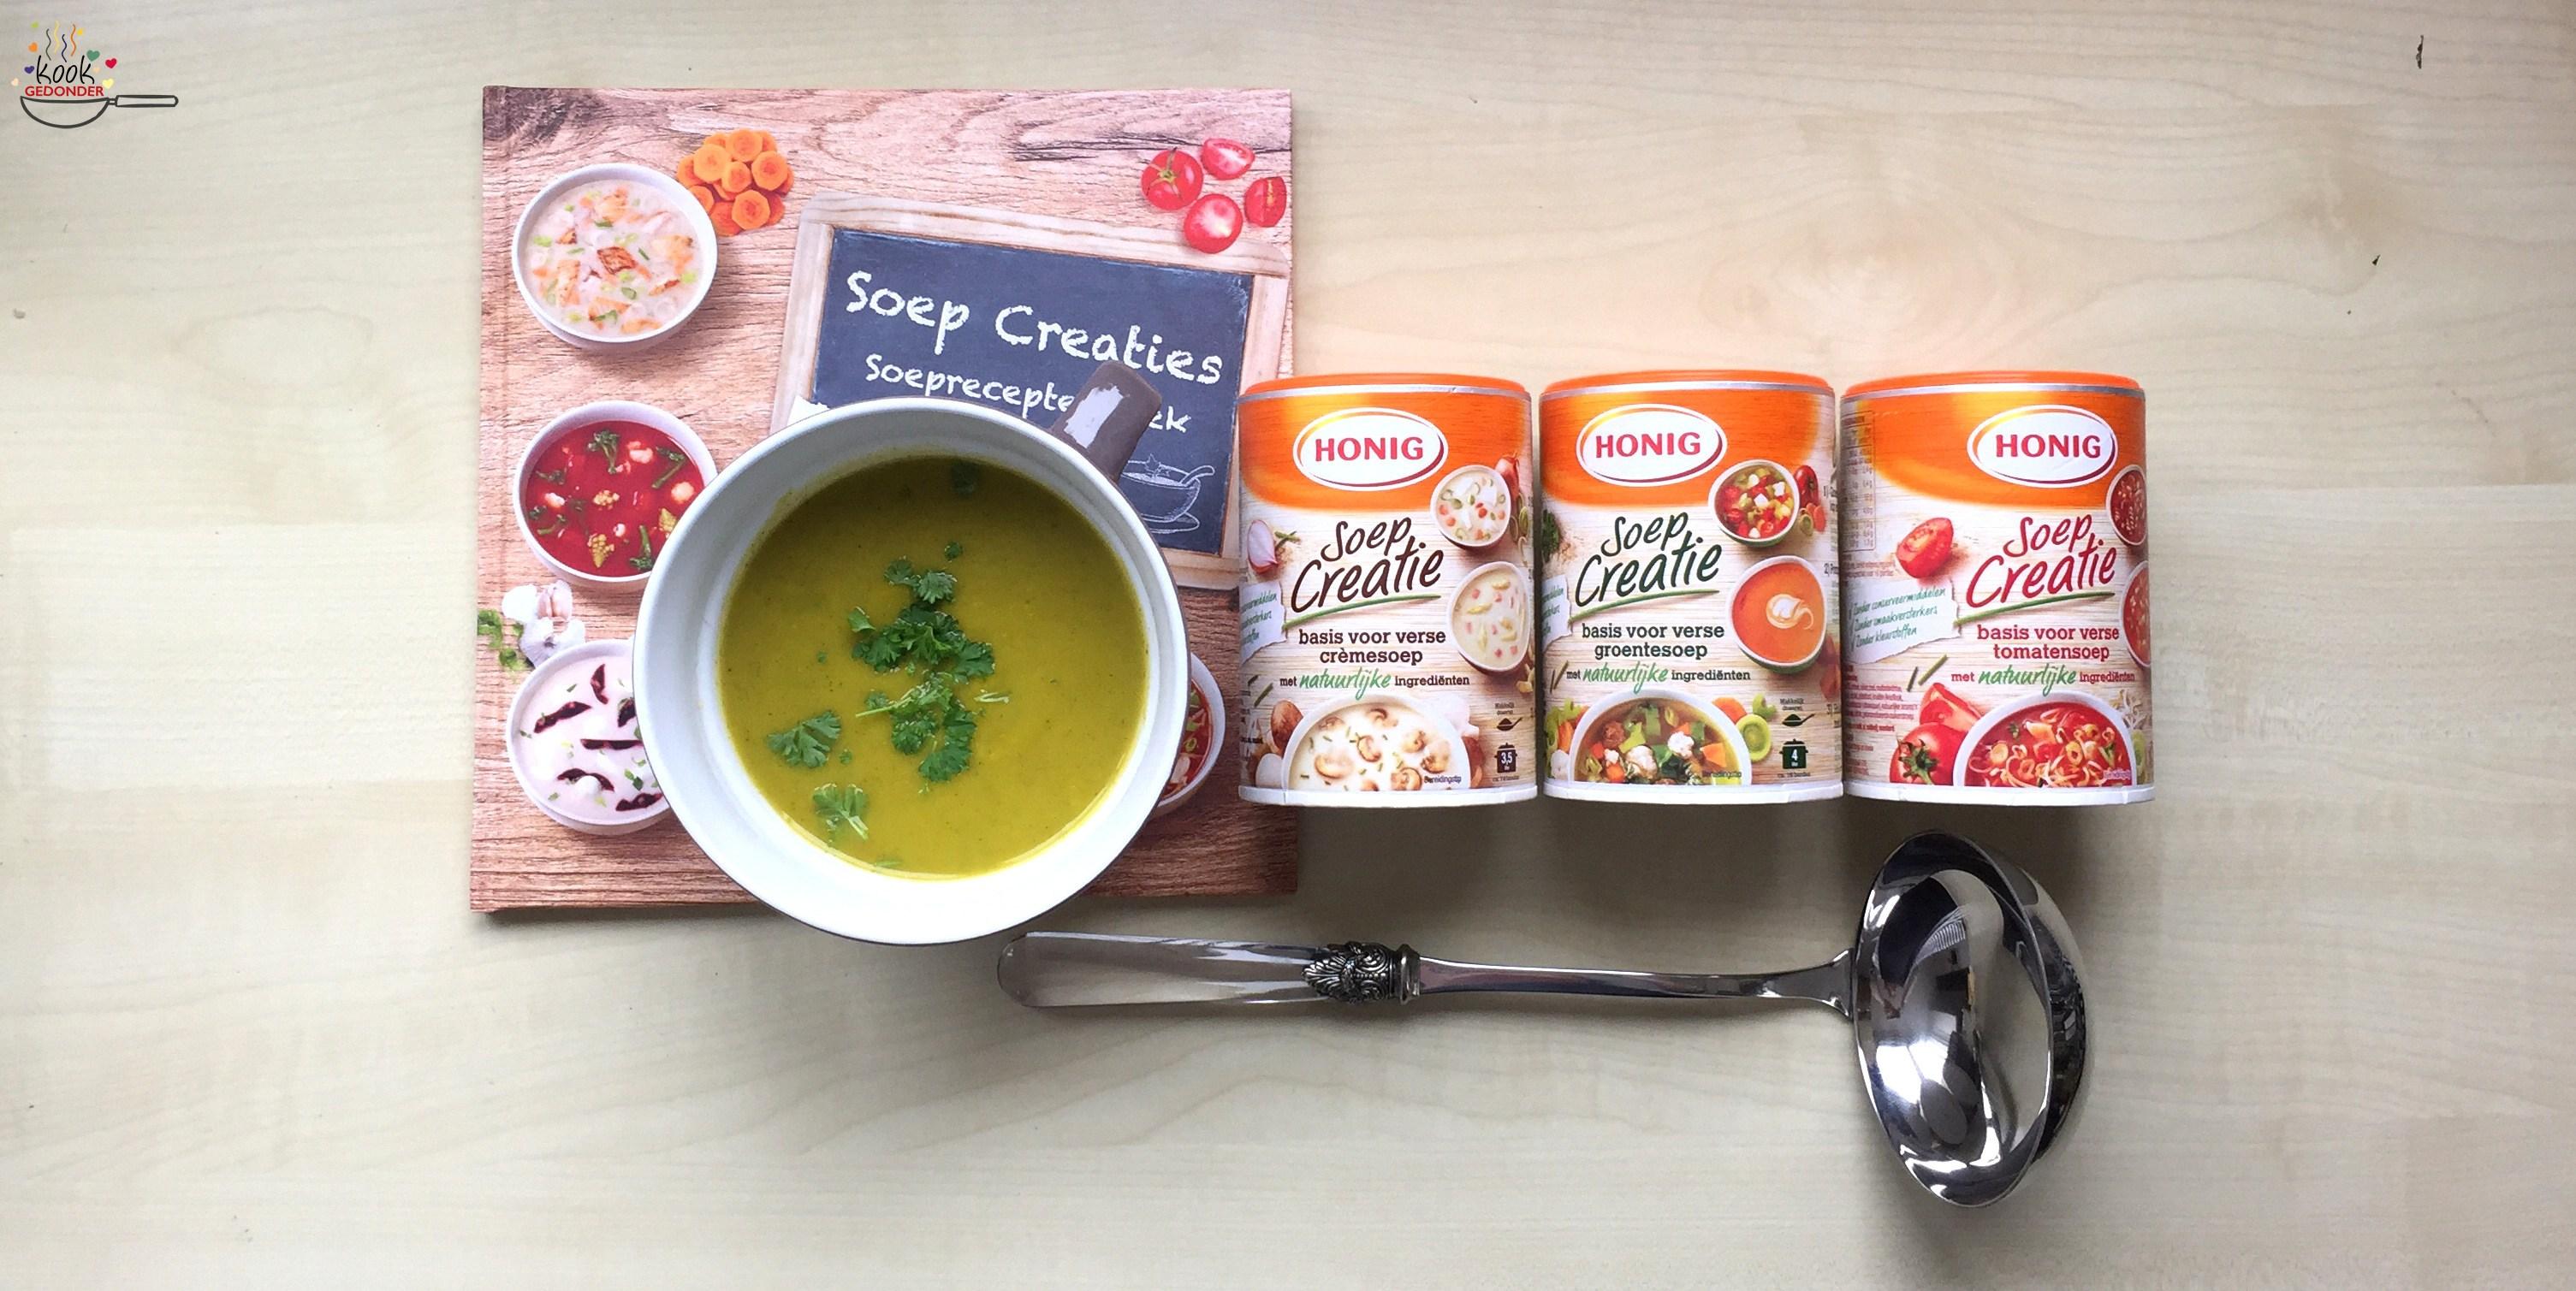 Kookgedonder: wat is jouw lekkerste soepgerecht?